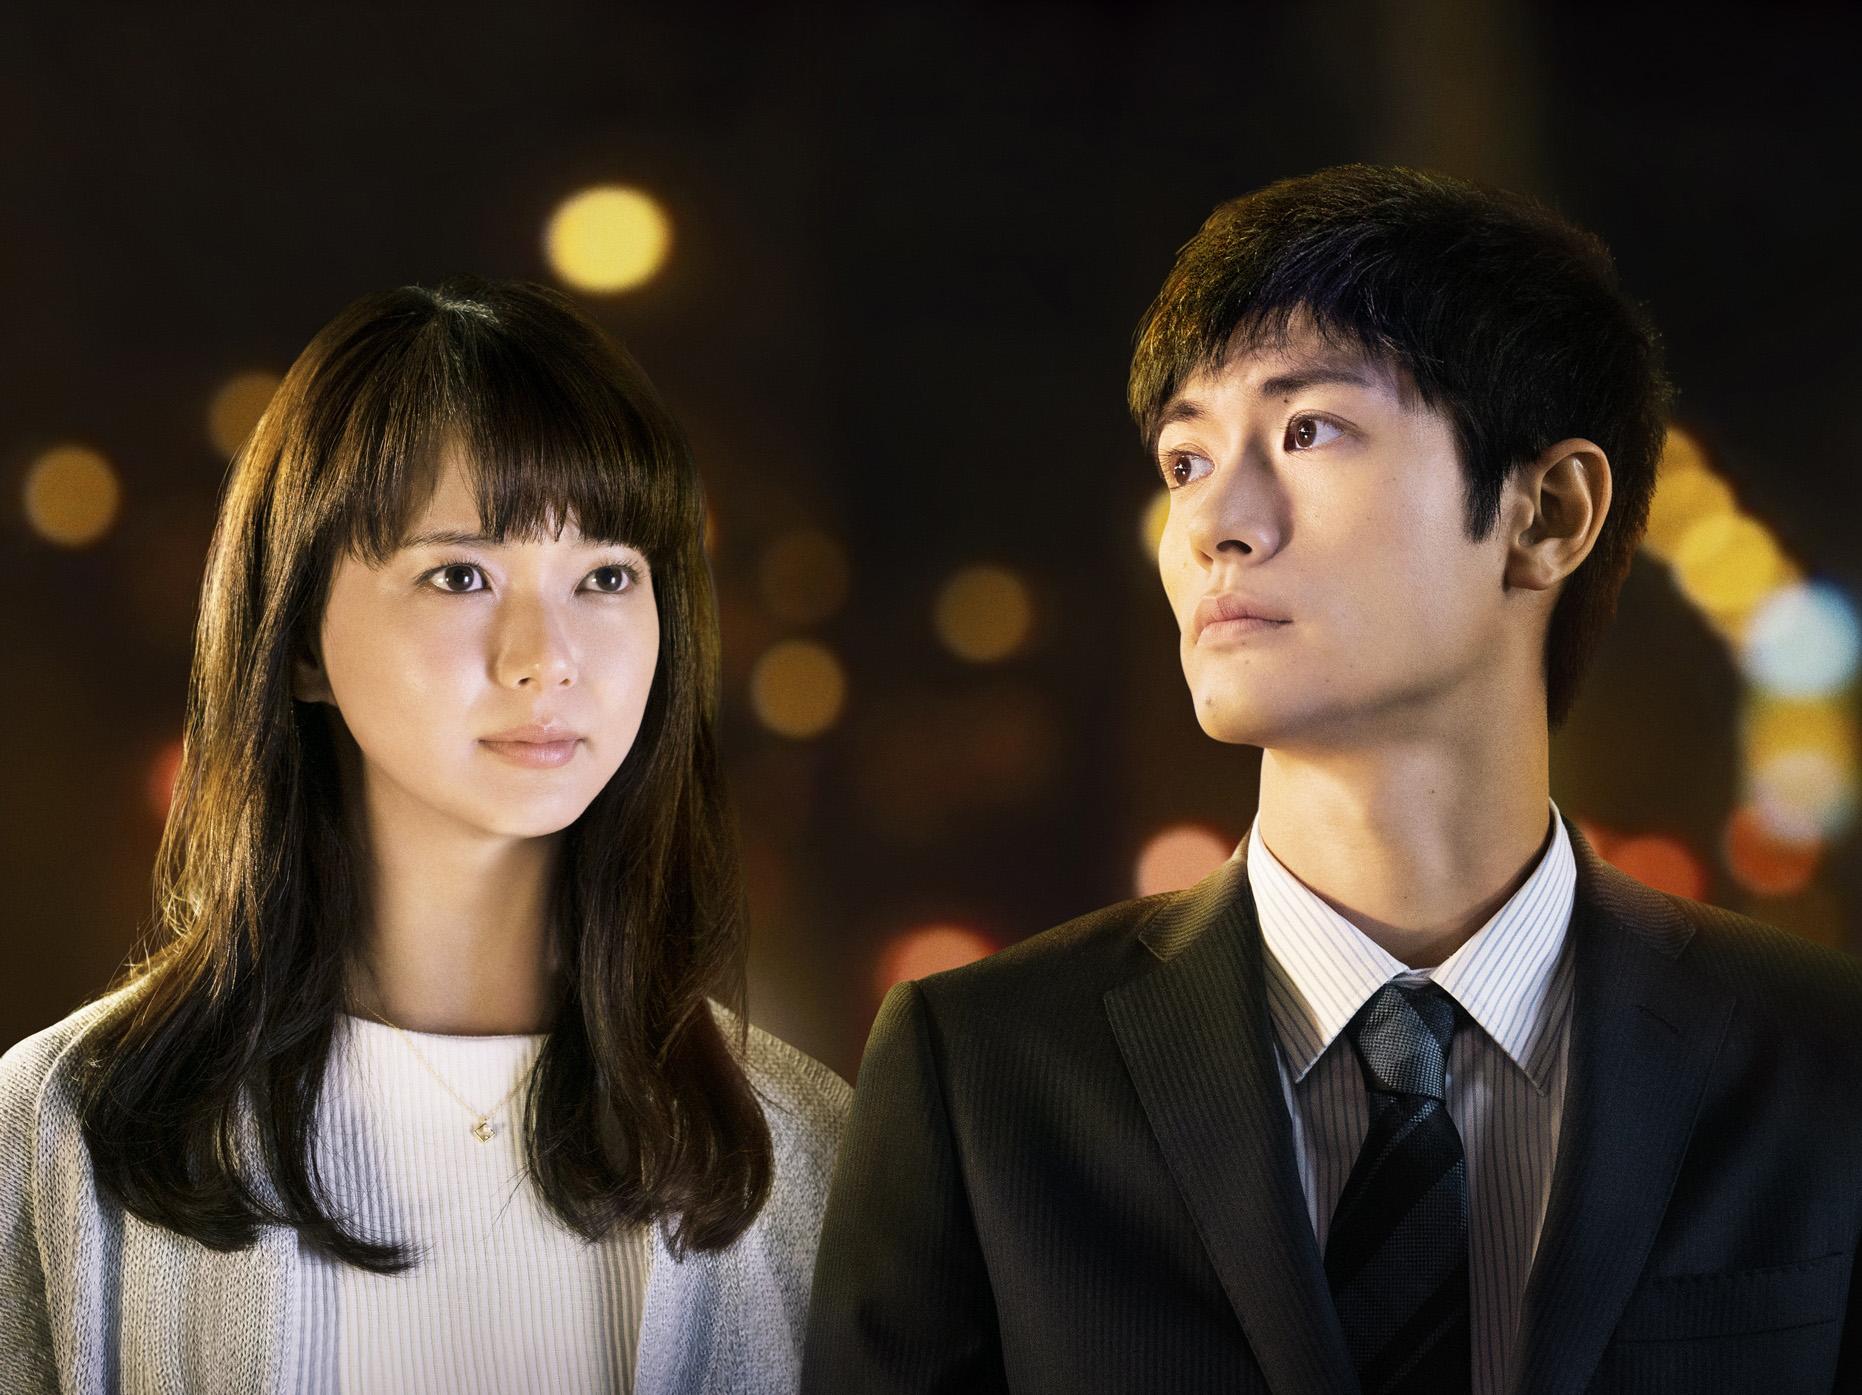 ベストセラー作家・伊坂幸太郎原作の映画4作品をイッキ見!